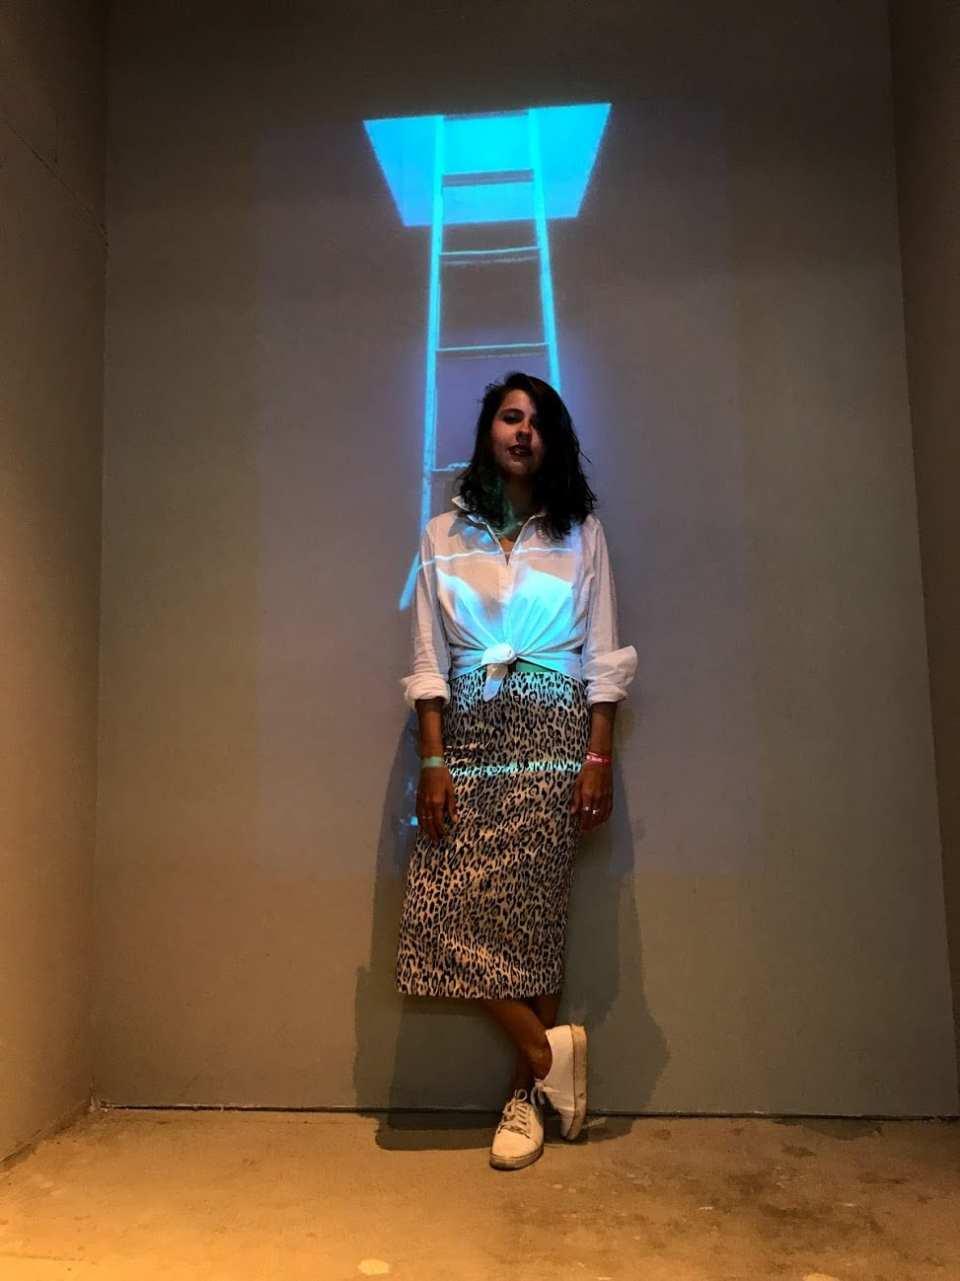 Marcie posa em frente a uma parede branca com uma escada projetada. O look é composto por camisa branca amarrada na cintura, saia lápis animal print e tênis branco.